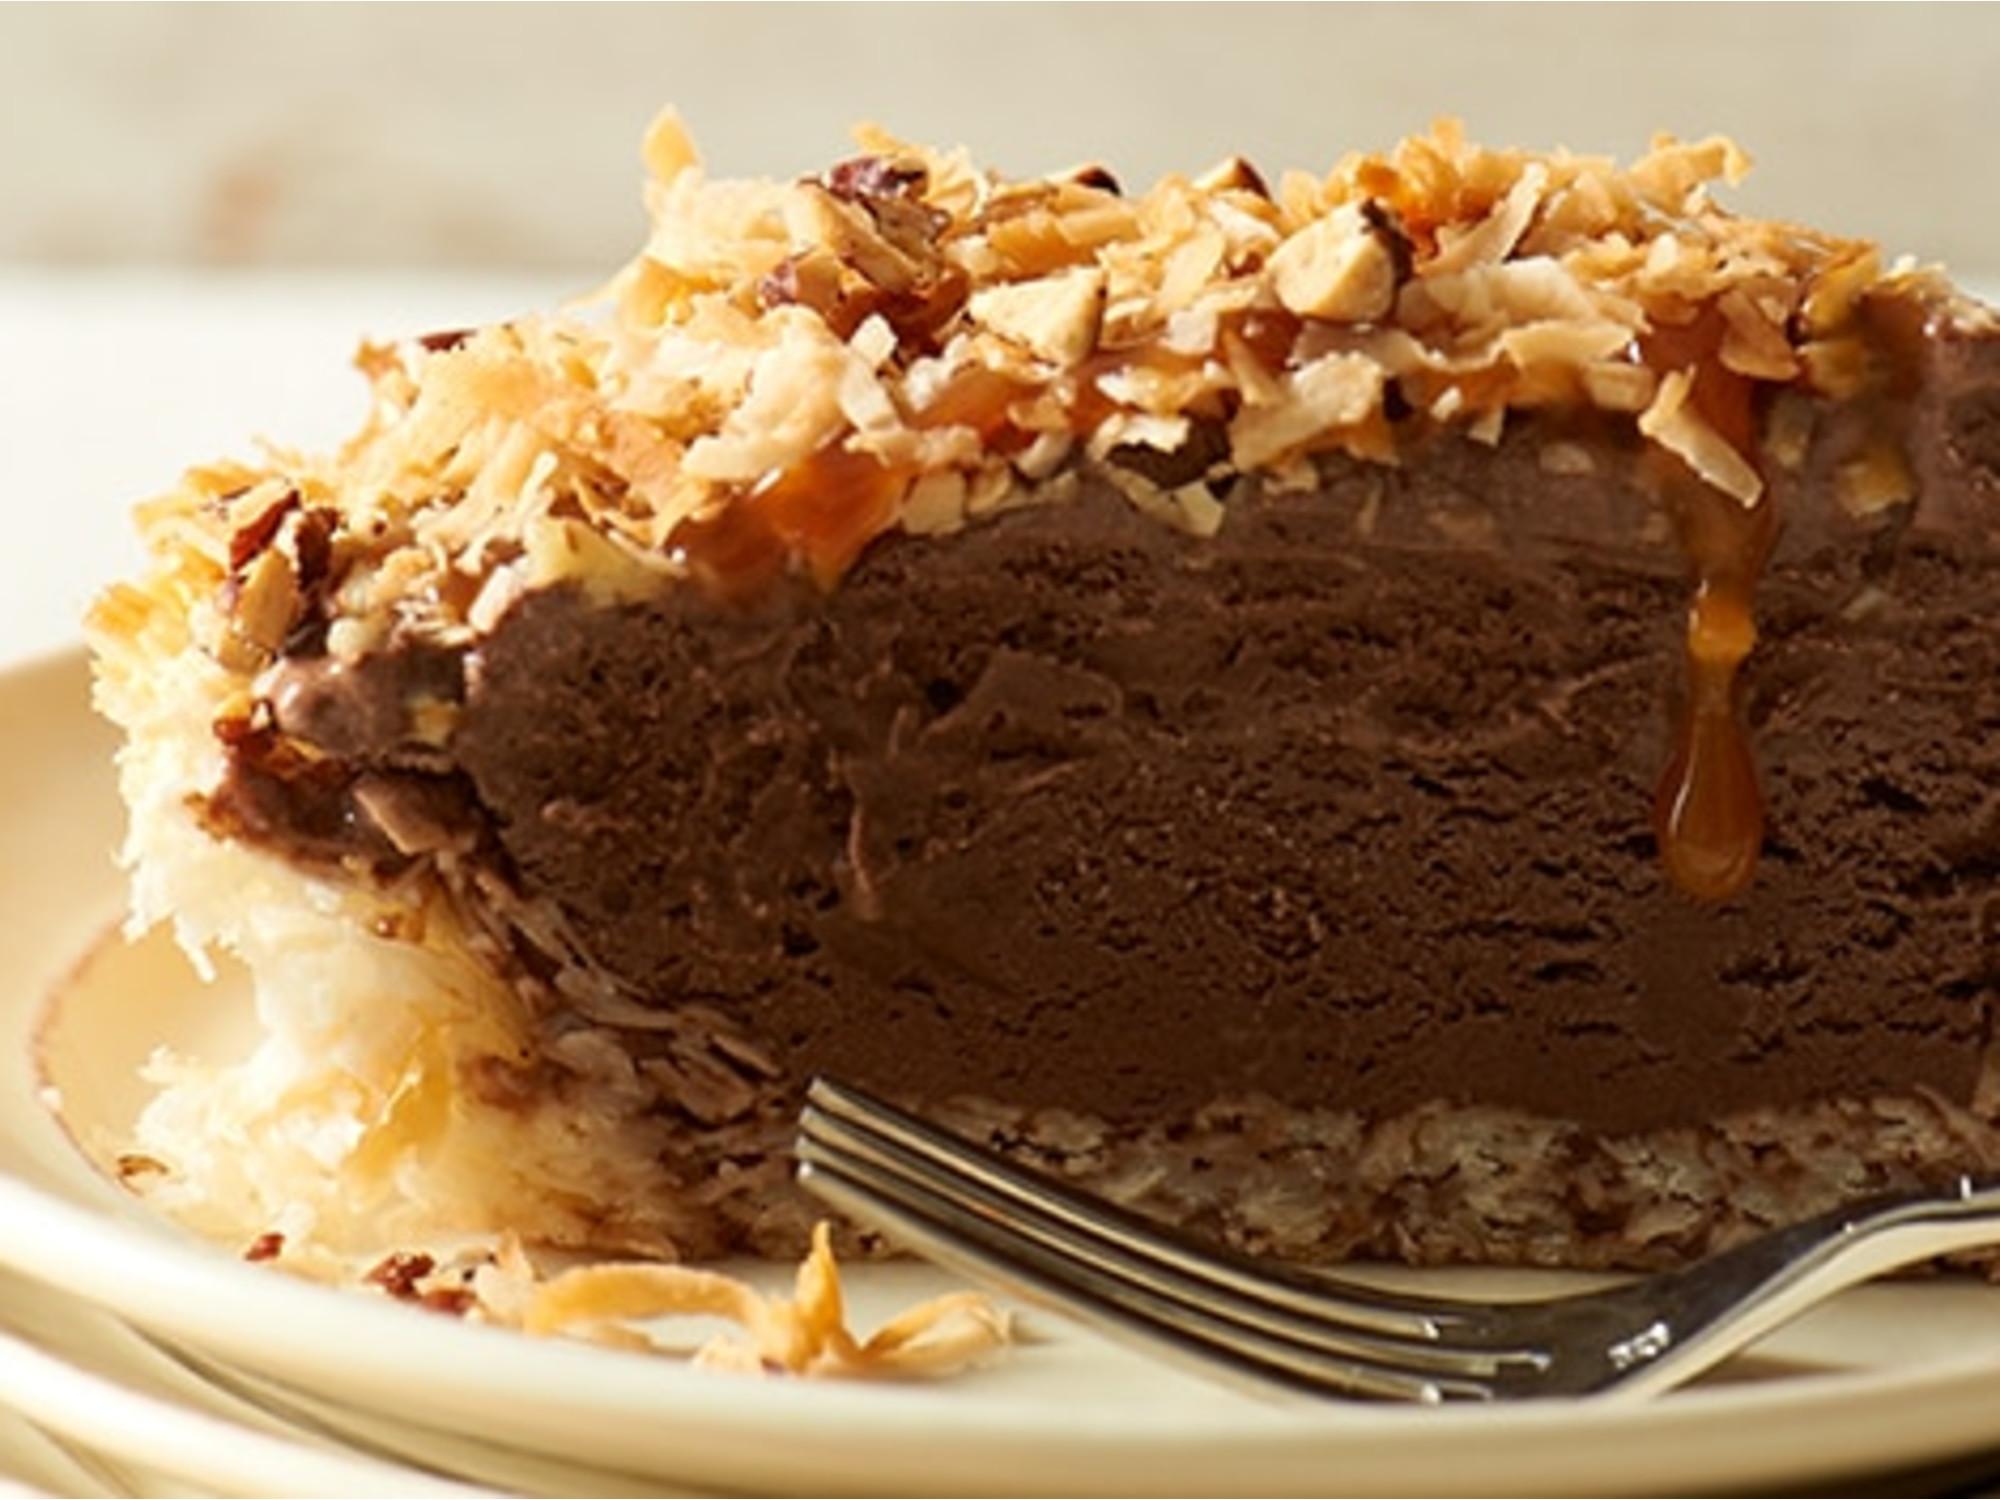 Tarte à la crème Glacée au Chocolat Allemand